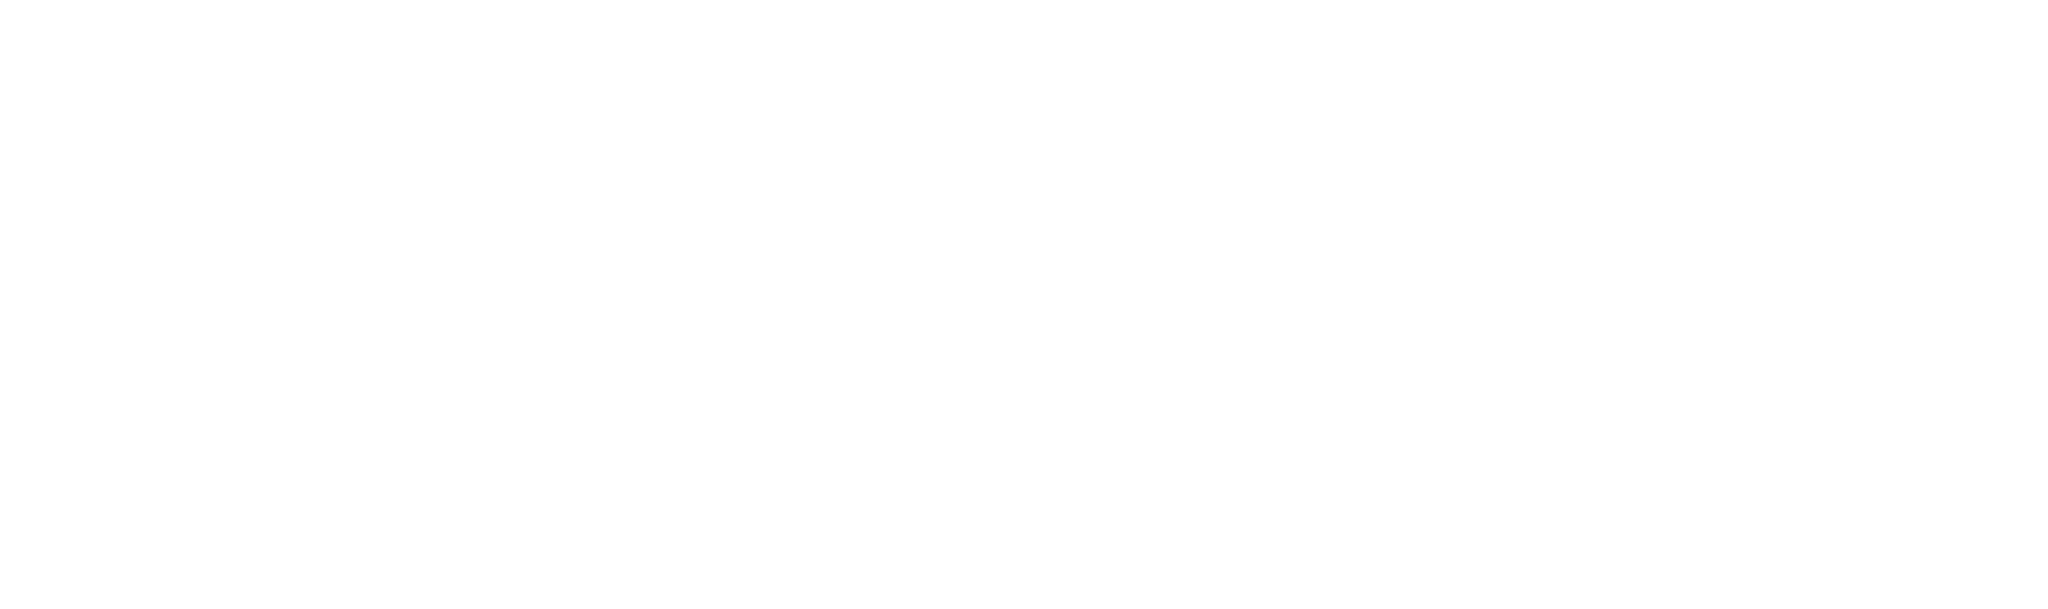 logo de Lemania immobilier